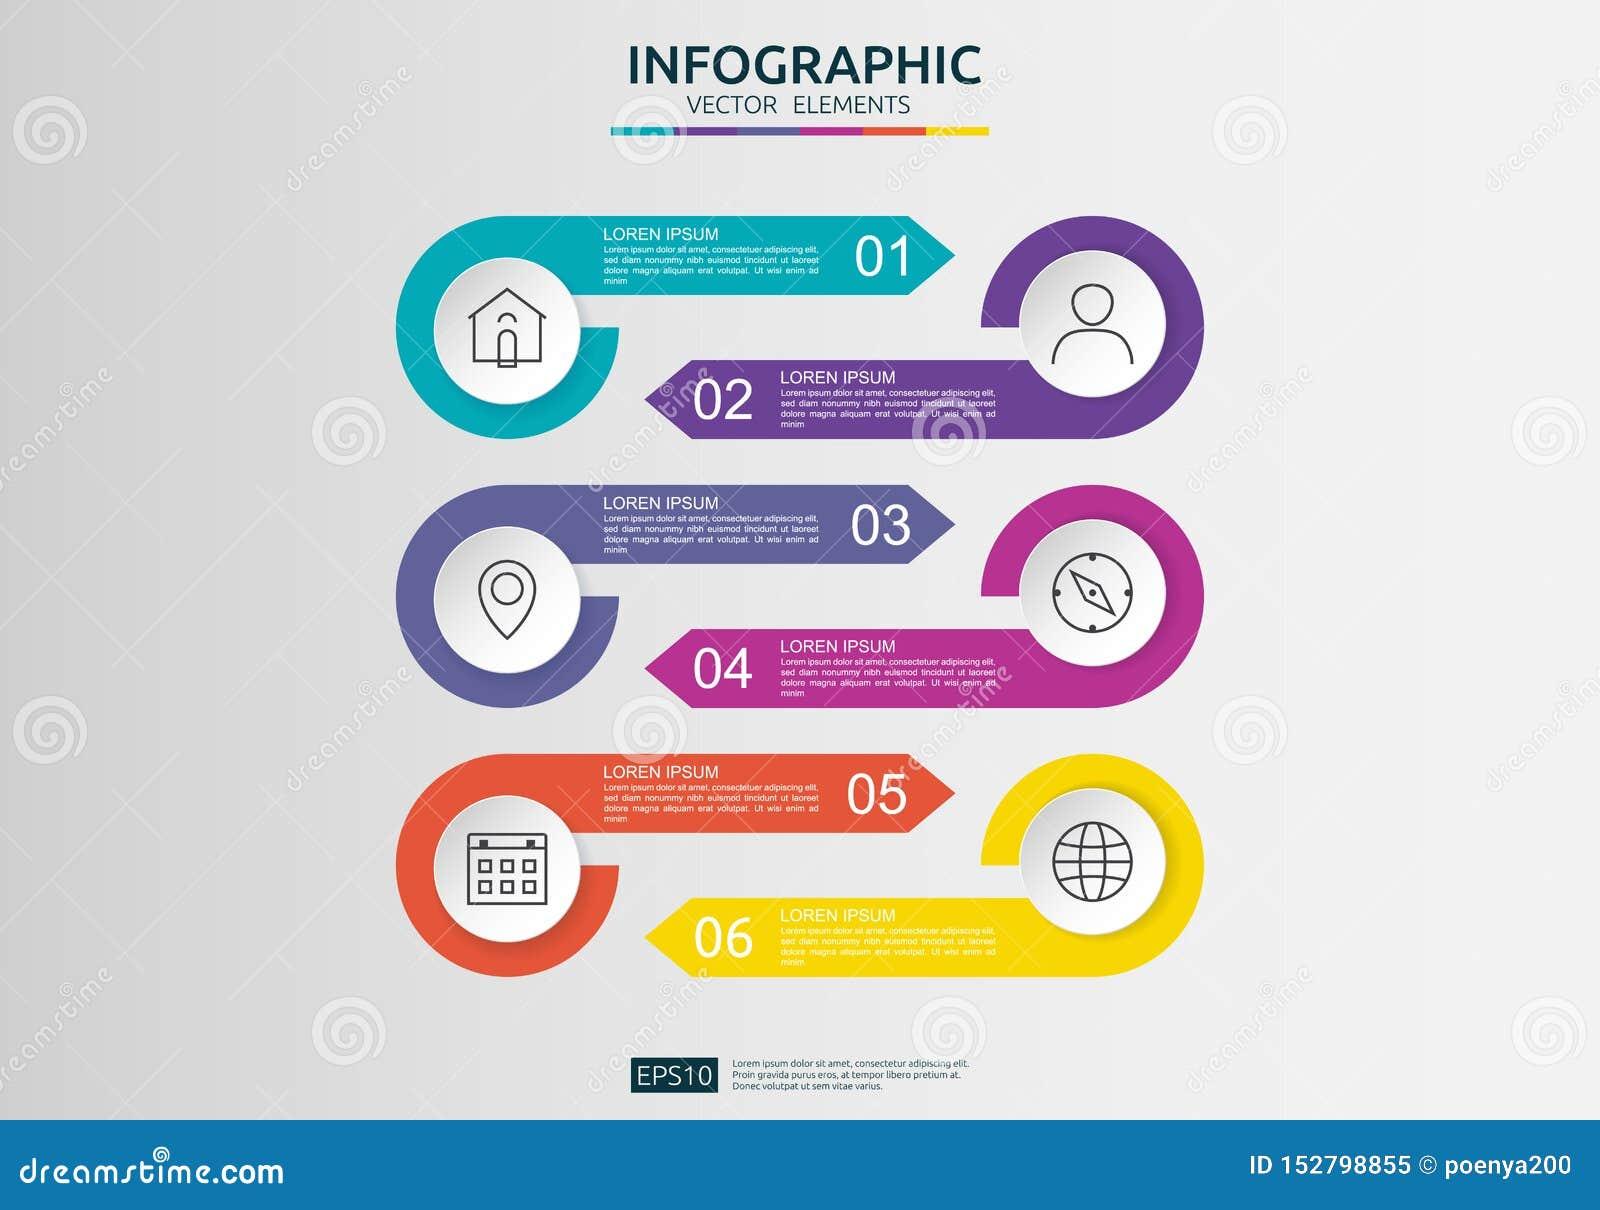 6 pasos infographic plantilla del dise?o de la cronolog?a con la etiqueta del papel 3D, c?rculos integrados Concepto del negocio